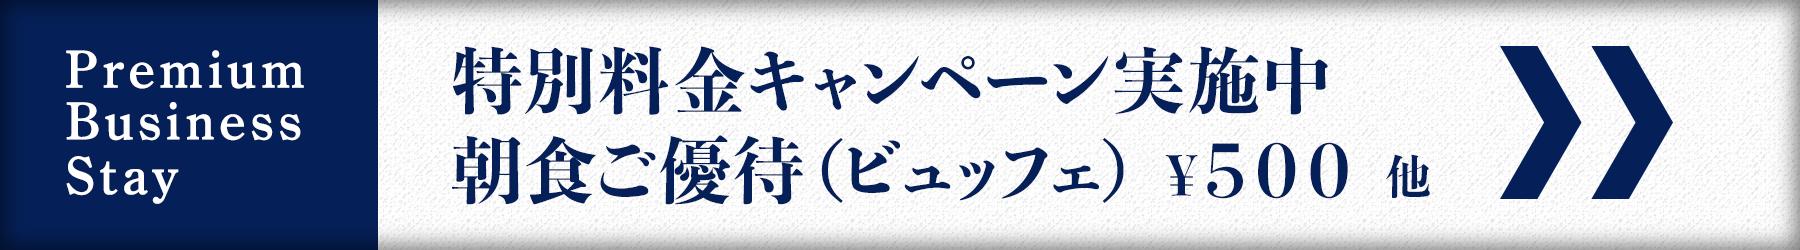 【公式サイト限定】プレミアムビジネスステイ